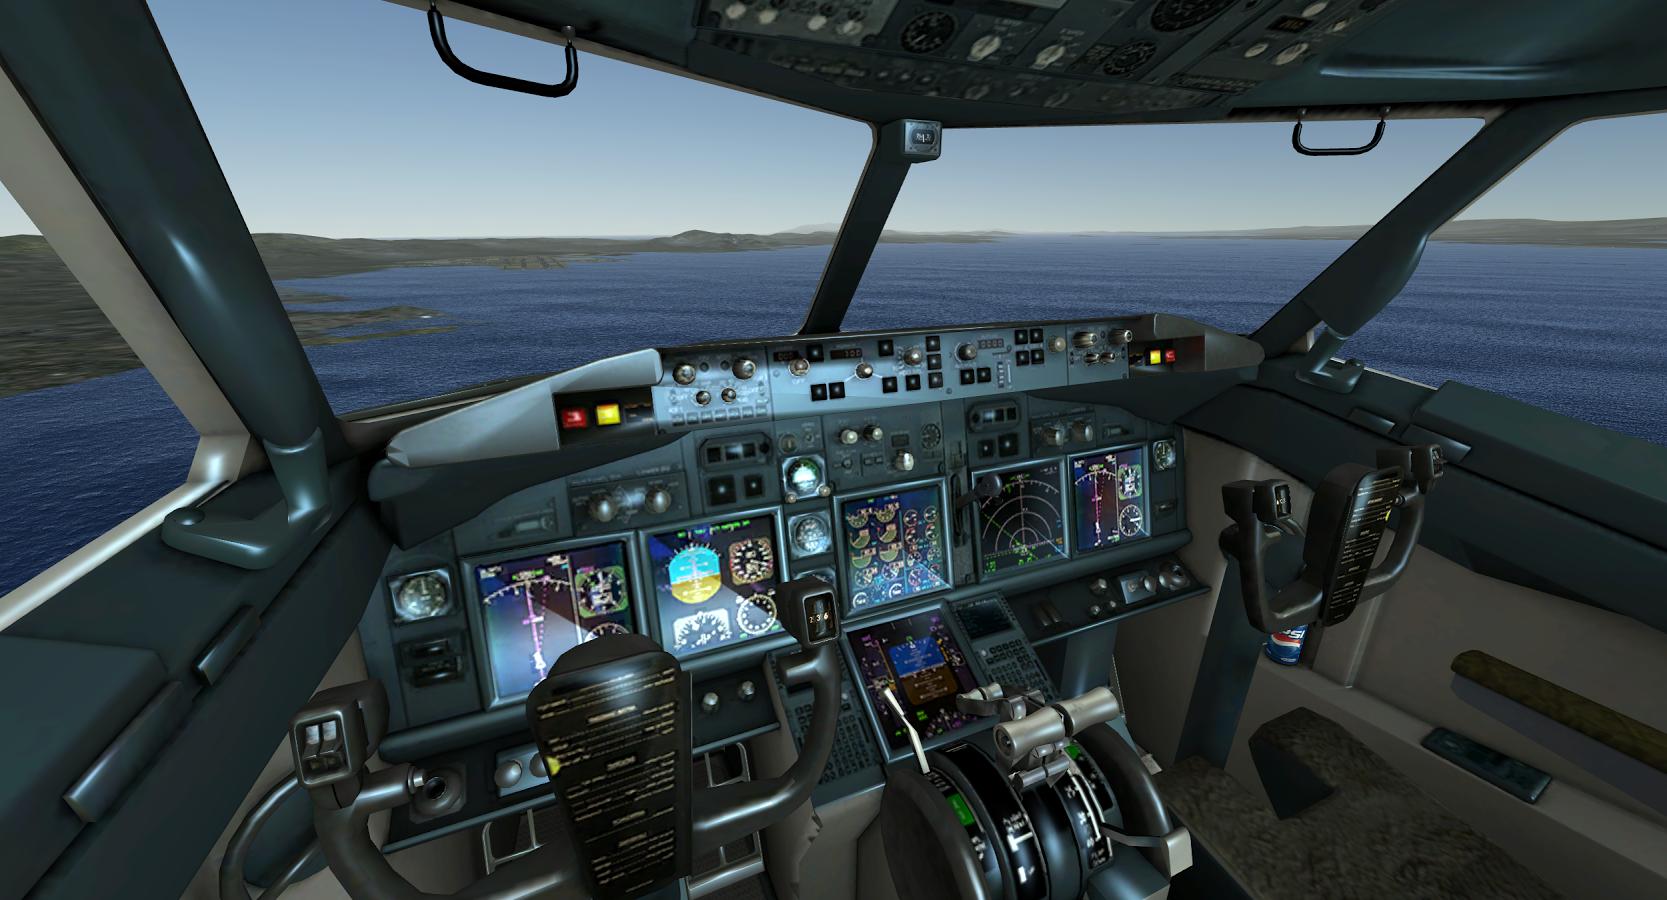 Симулятор самолета видео скачать